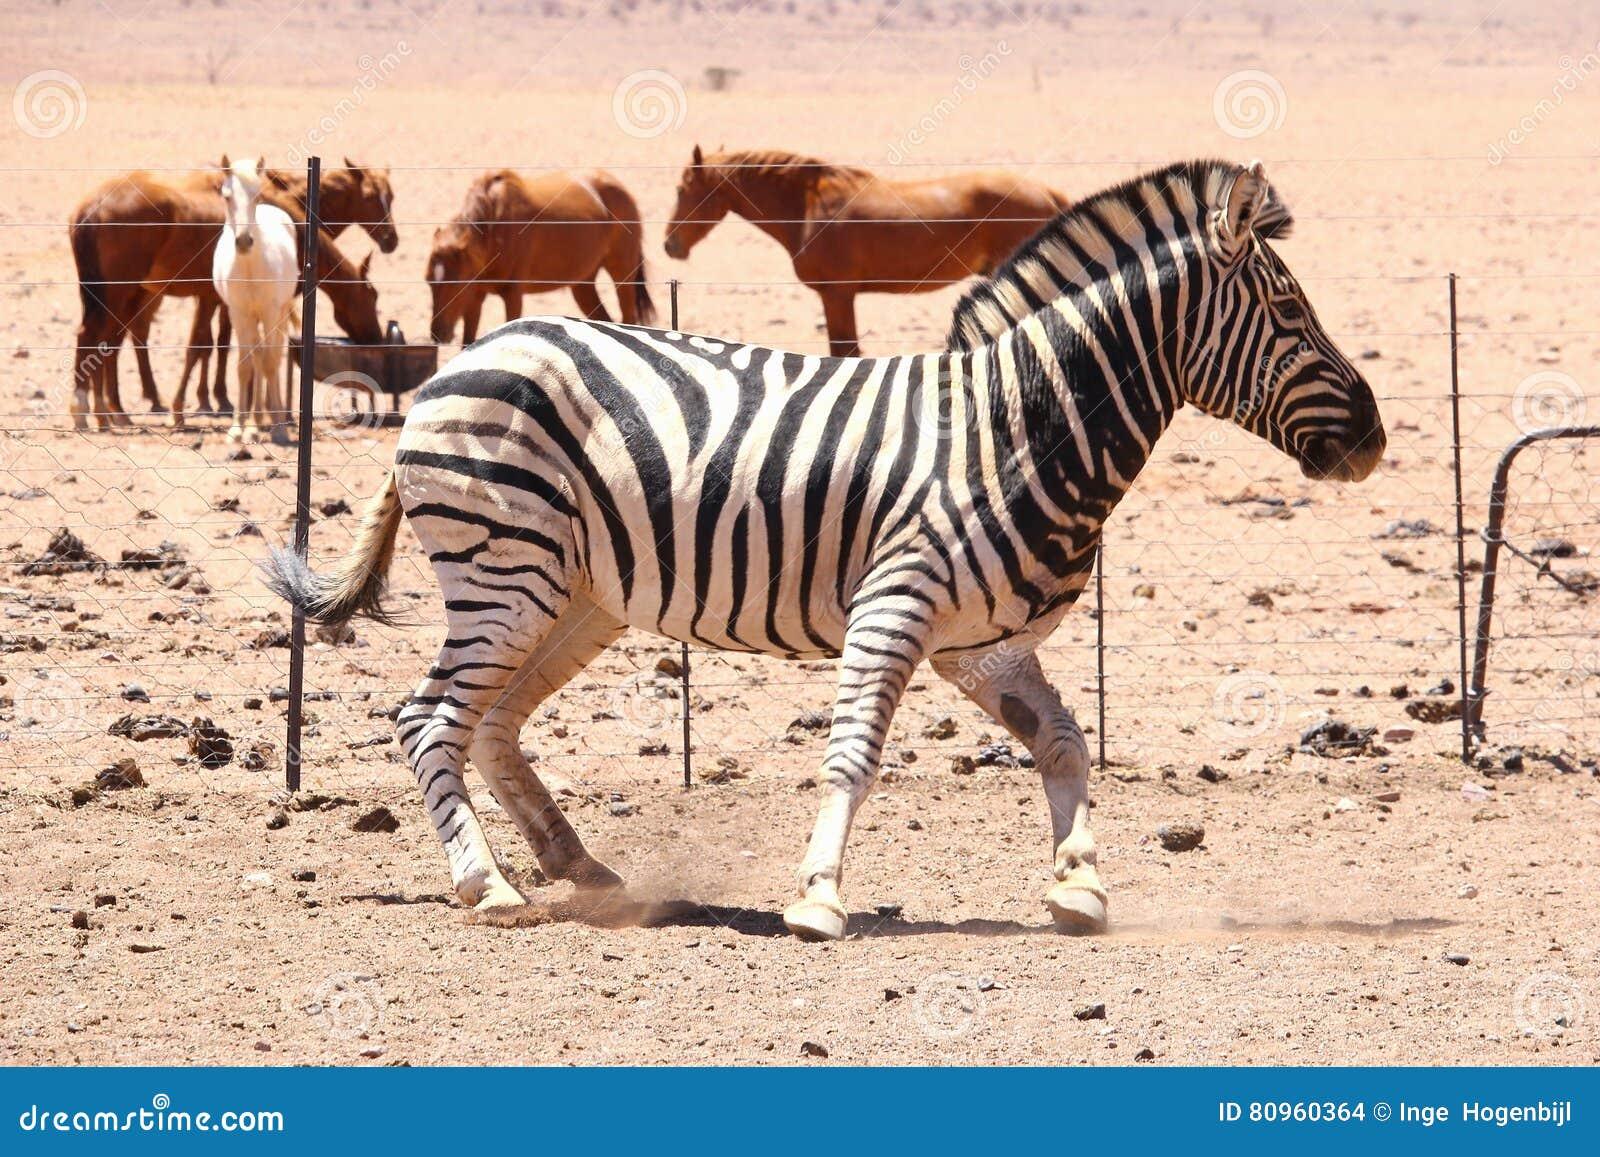 Cebra Y Caballos Salvajes, Desierto De Namibia Foto de archivo ...